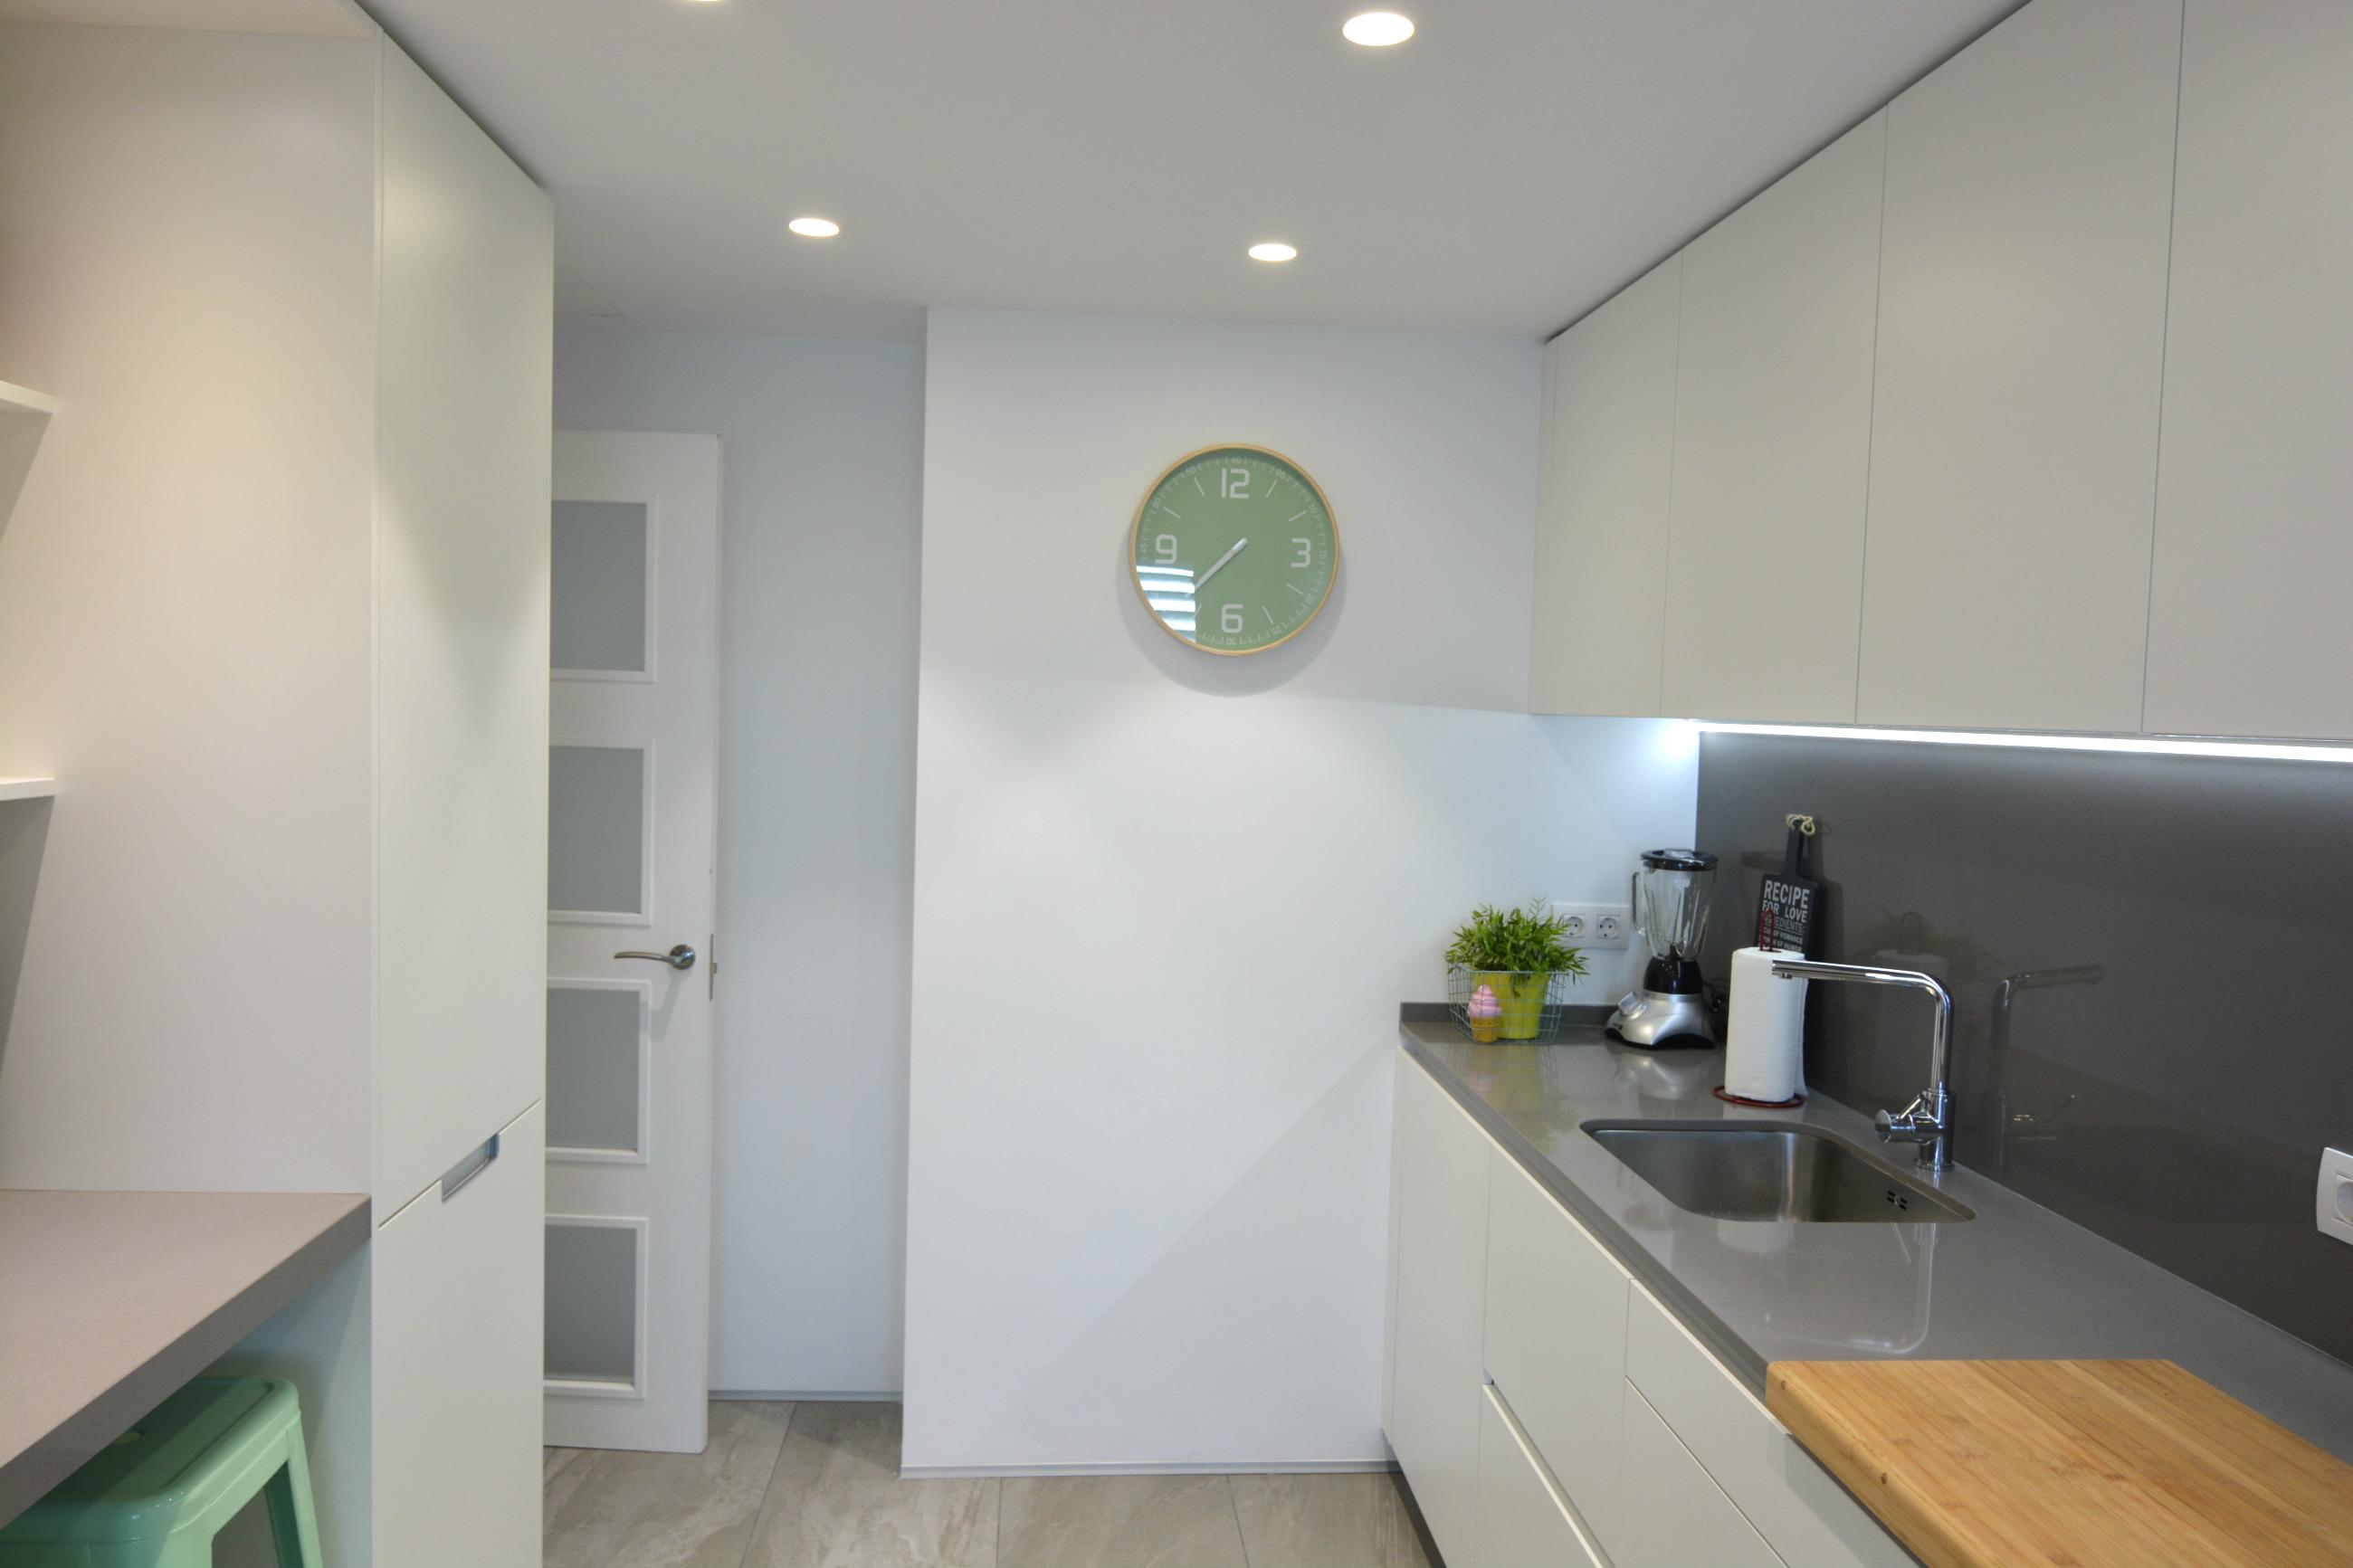 Proyecto cocina piezas habitat cadiz enjoy living every day for Proyecto cocina